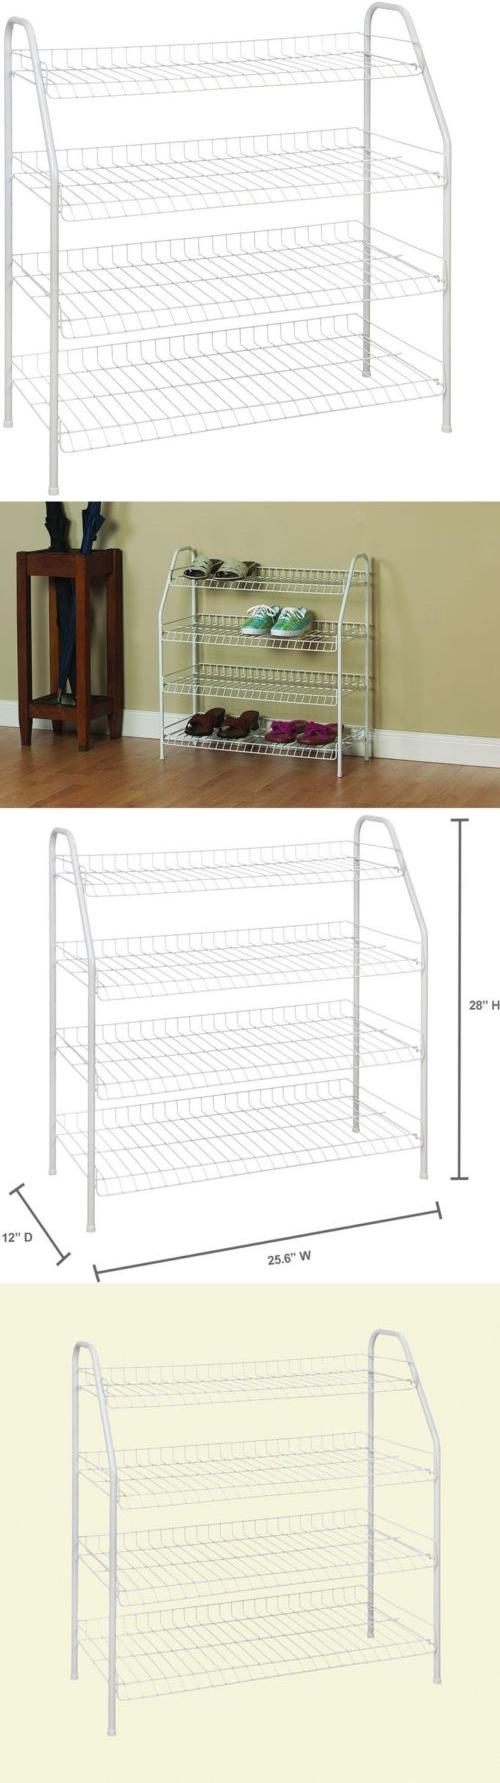 Closet Organizers 43503: Closetmaid Ventilated Shelf Wire Rack Closet Shoe  Organizer White 28X26x12  U003e